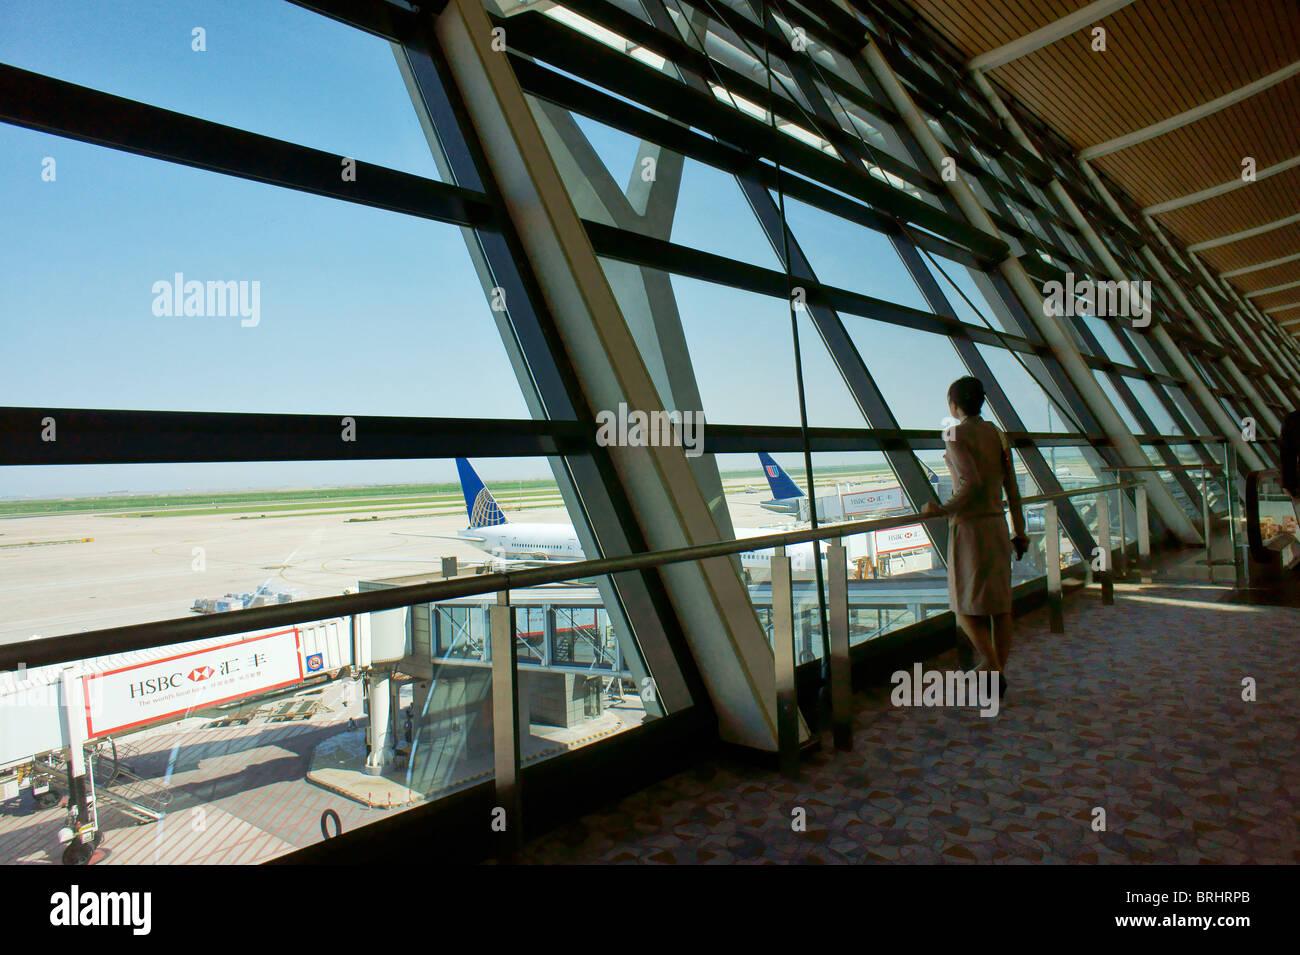 Shanghai, China. Cubierta de observación de cristal sobre pista delantal. Sala de Embarque, el aeropuerto internacional Imagen De Stock